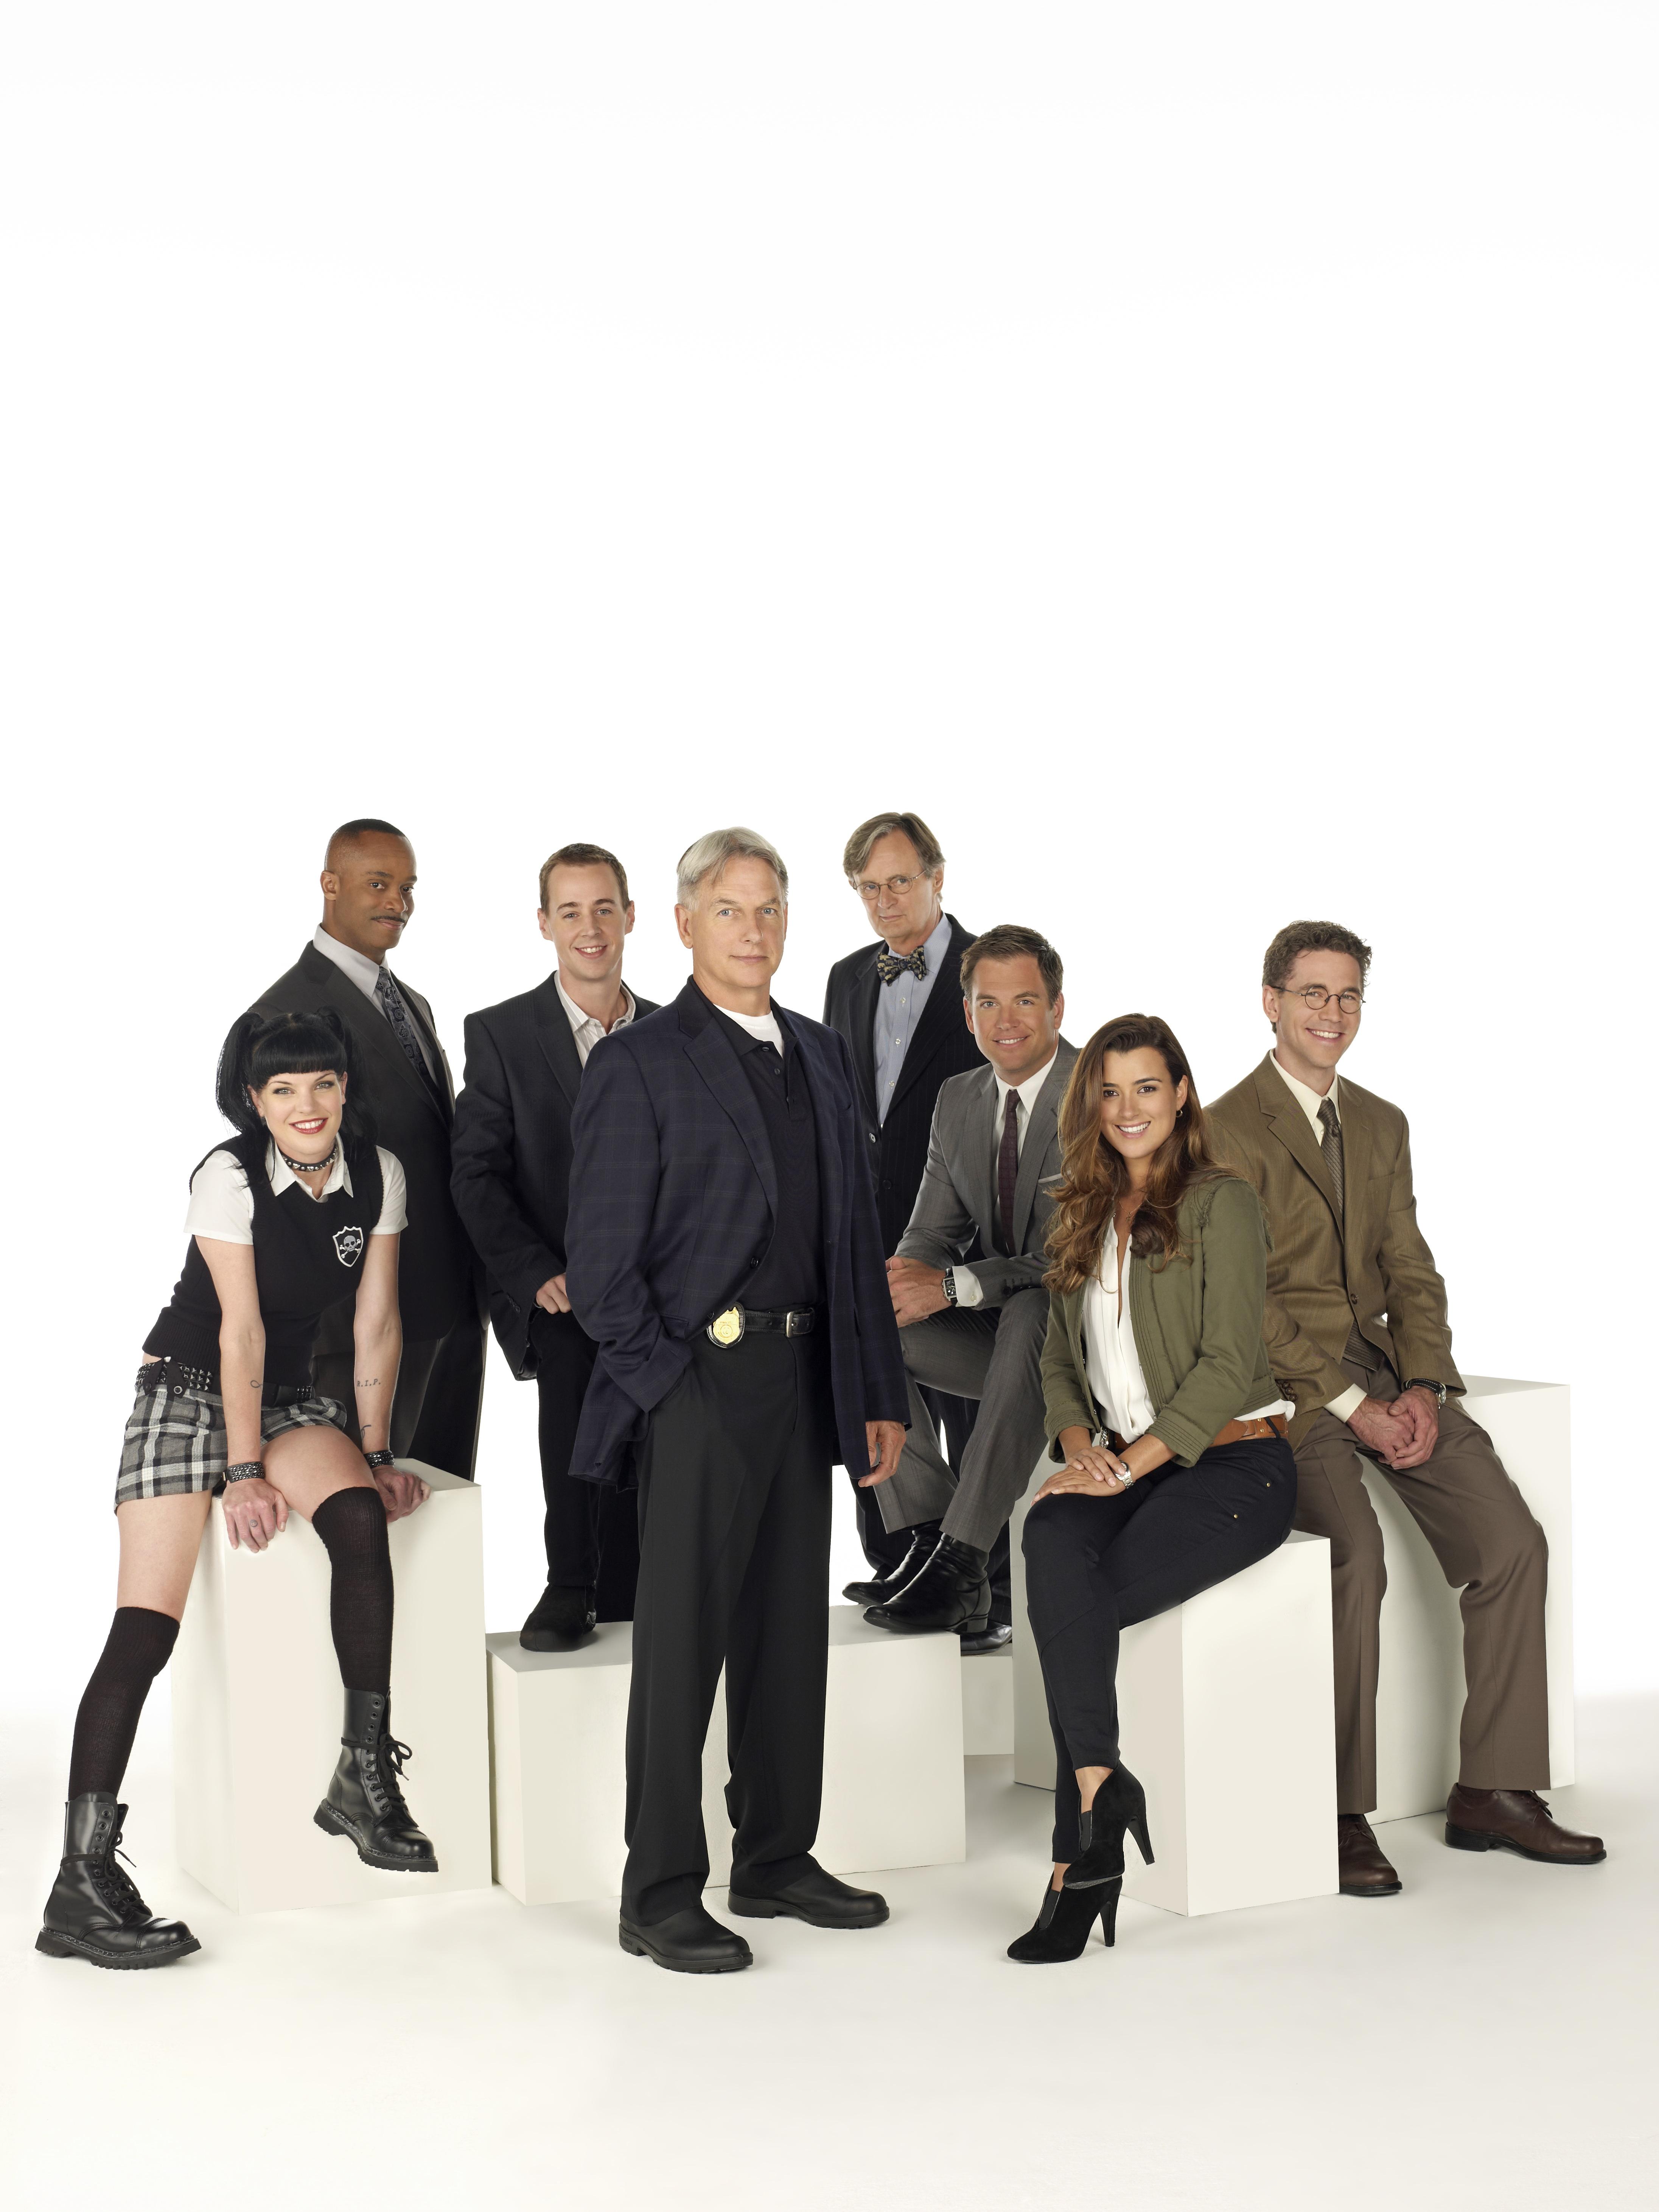 NCIS Cast Member Leaving